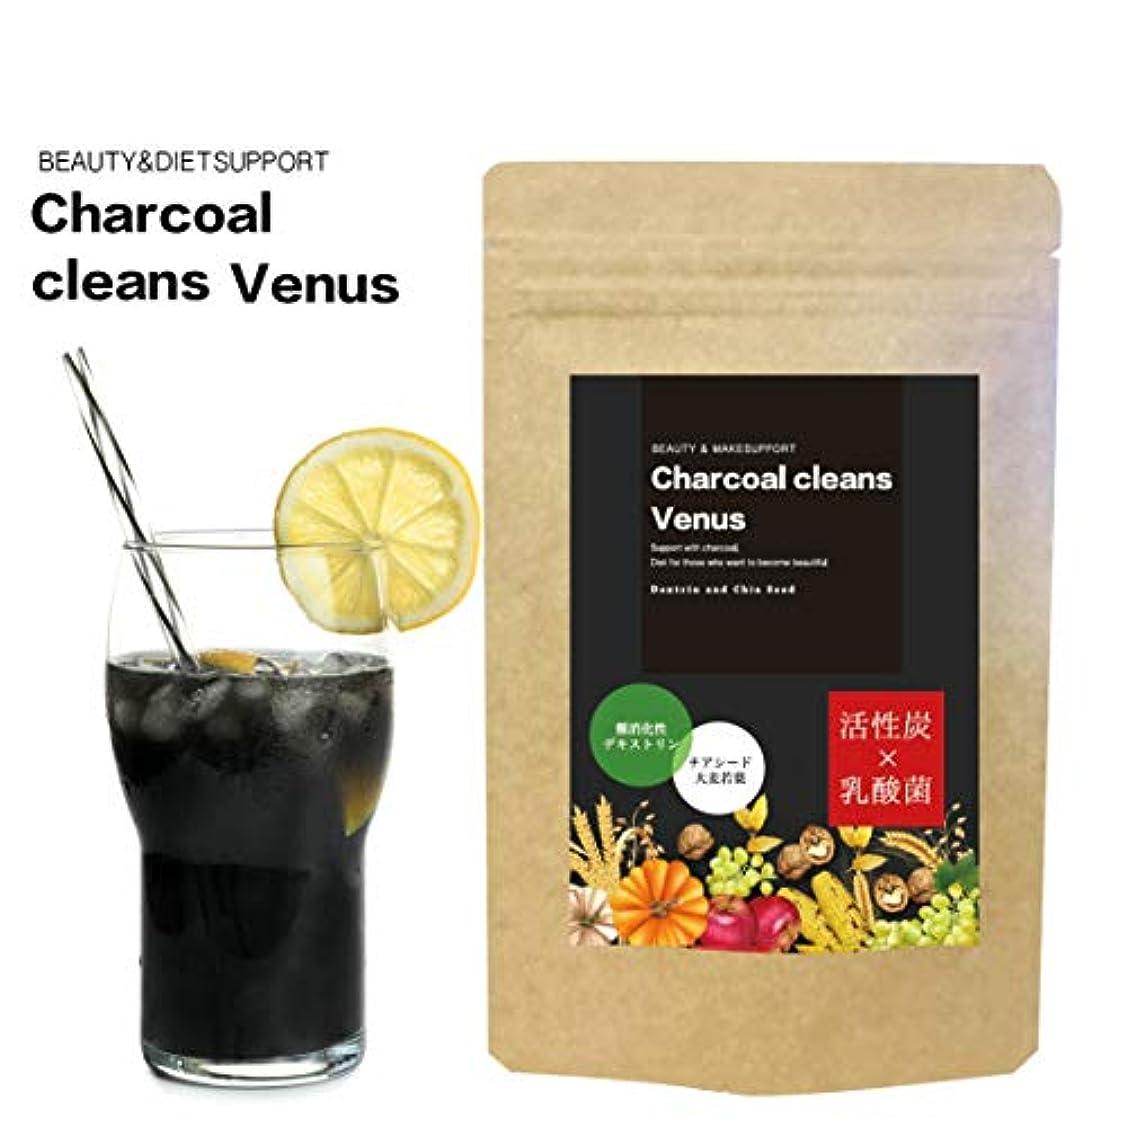 寄託リマーク脱臼する炭 デトックス & ダイエット 活性炭 + 乳酸菌 チャコールクレンズ ビーナス 約1ヶ月分 150g フルーツMIX味